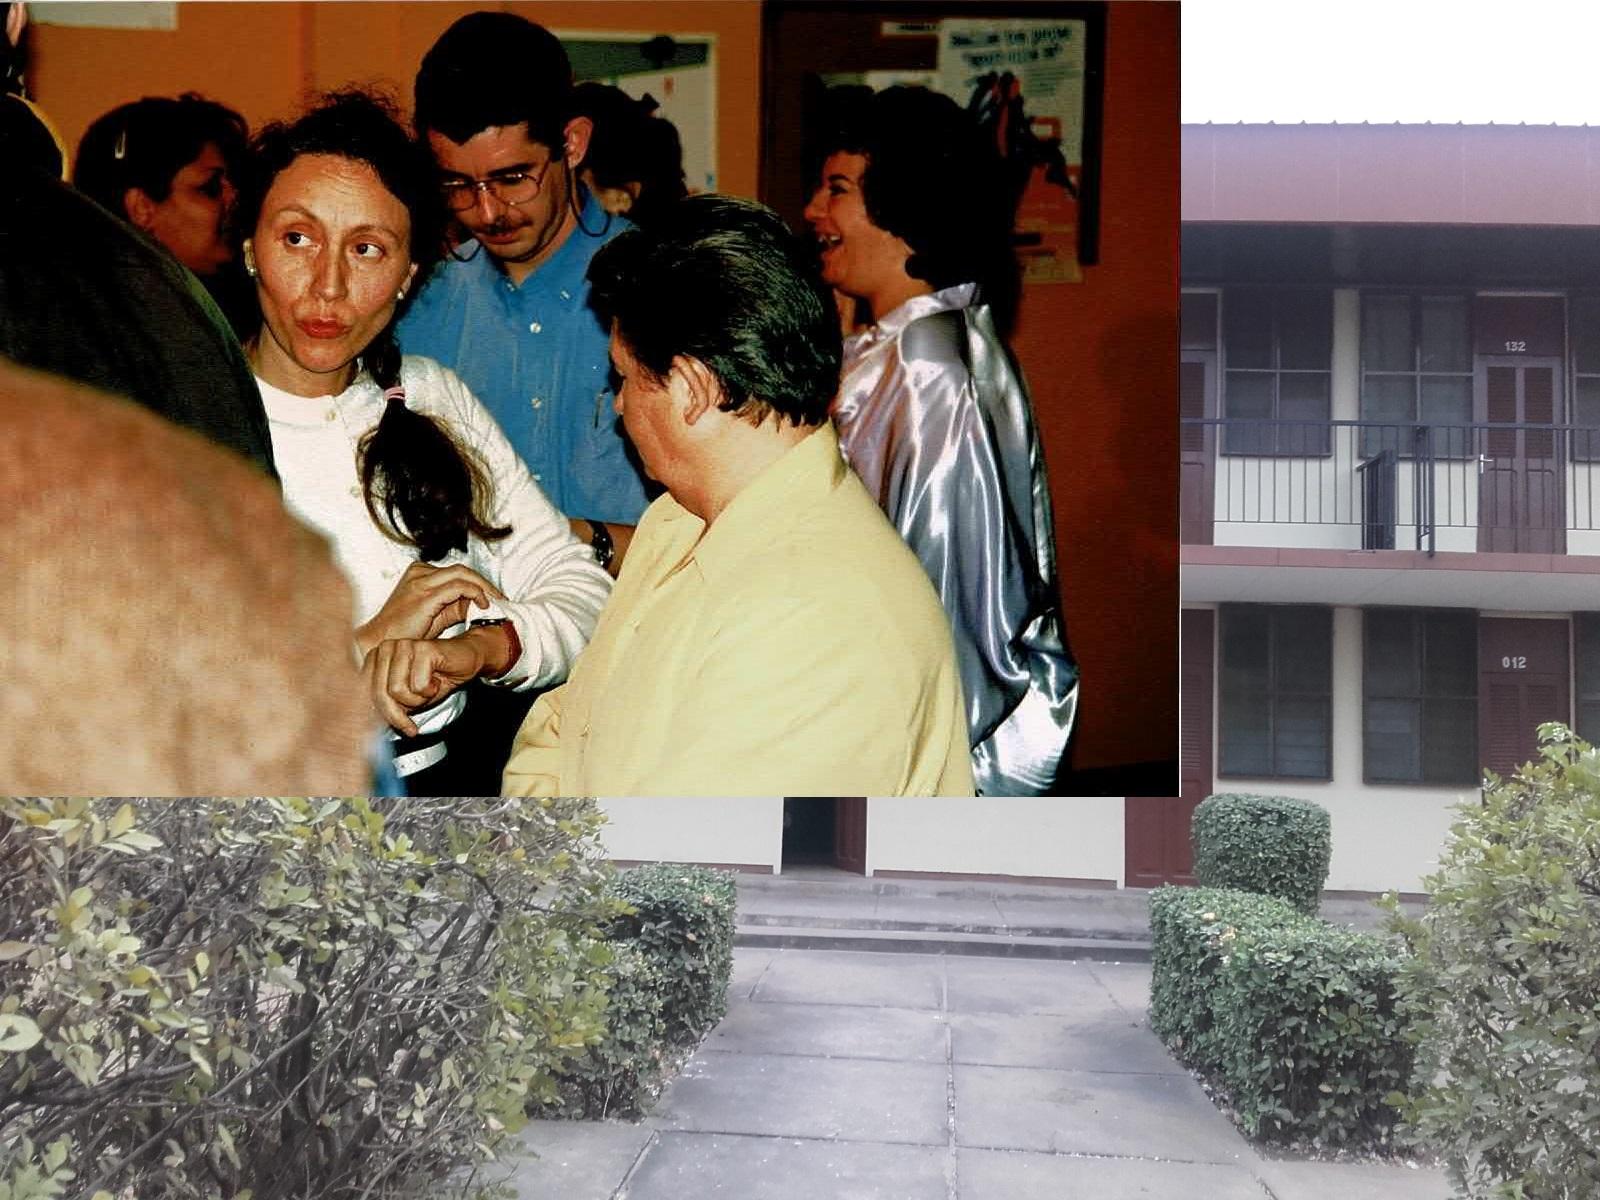 Concertation avec les habitants, quartier Mistral à Grenoble 38 000 avec lAtelier du Possible Laurence Rémy et Prenez Place Et CompagnieBernard Jay-Allemand. Mars 2000